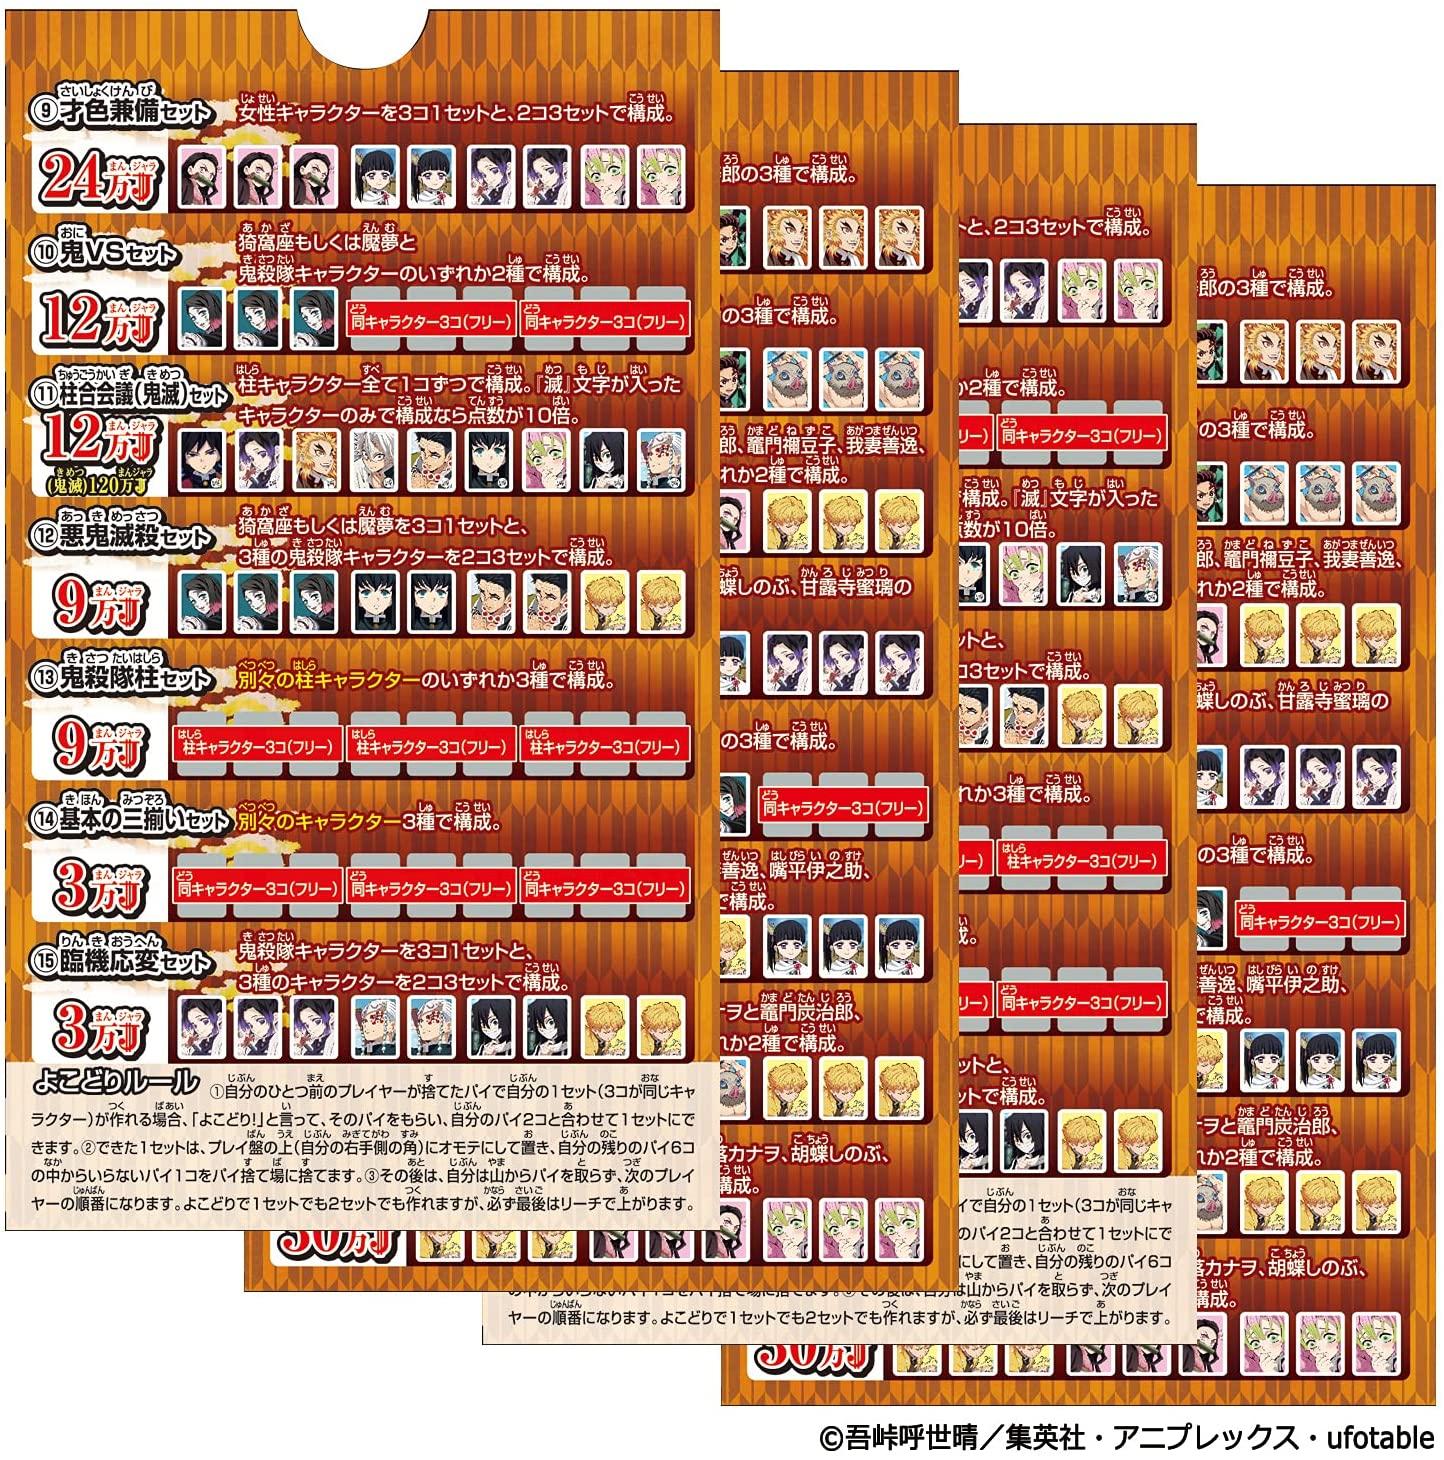 鬼滅の刃『ドンジャラ鬼滅の刃2』ボードゲーム-008